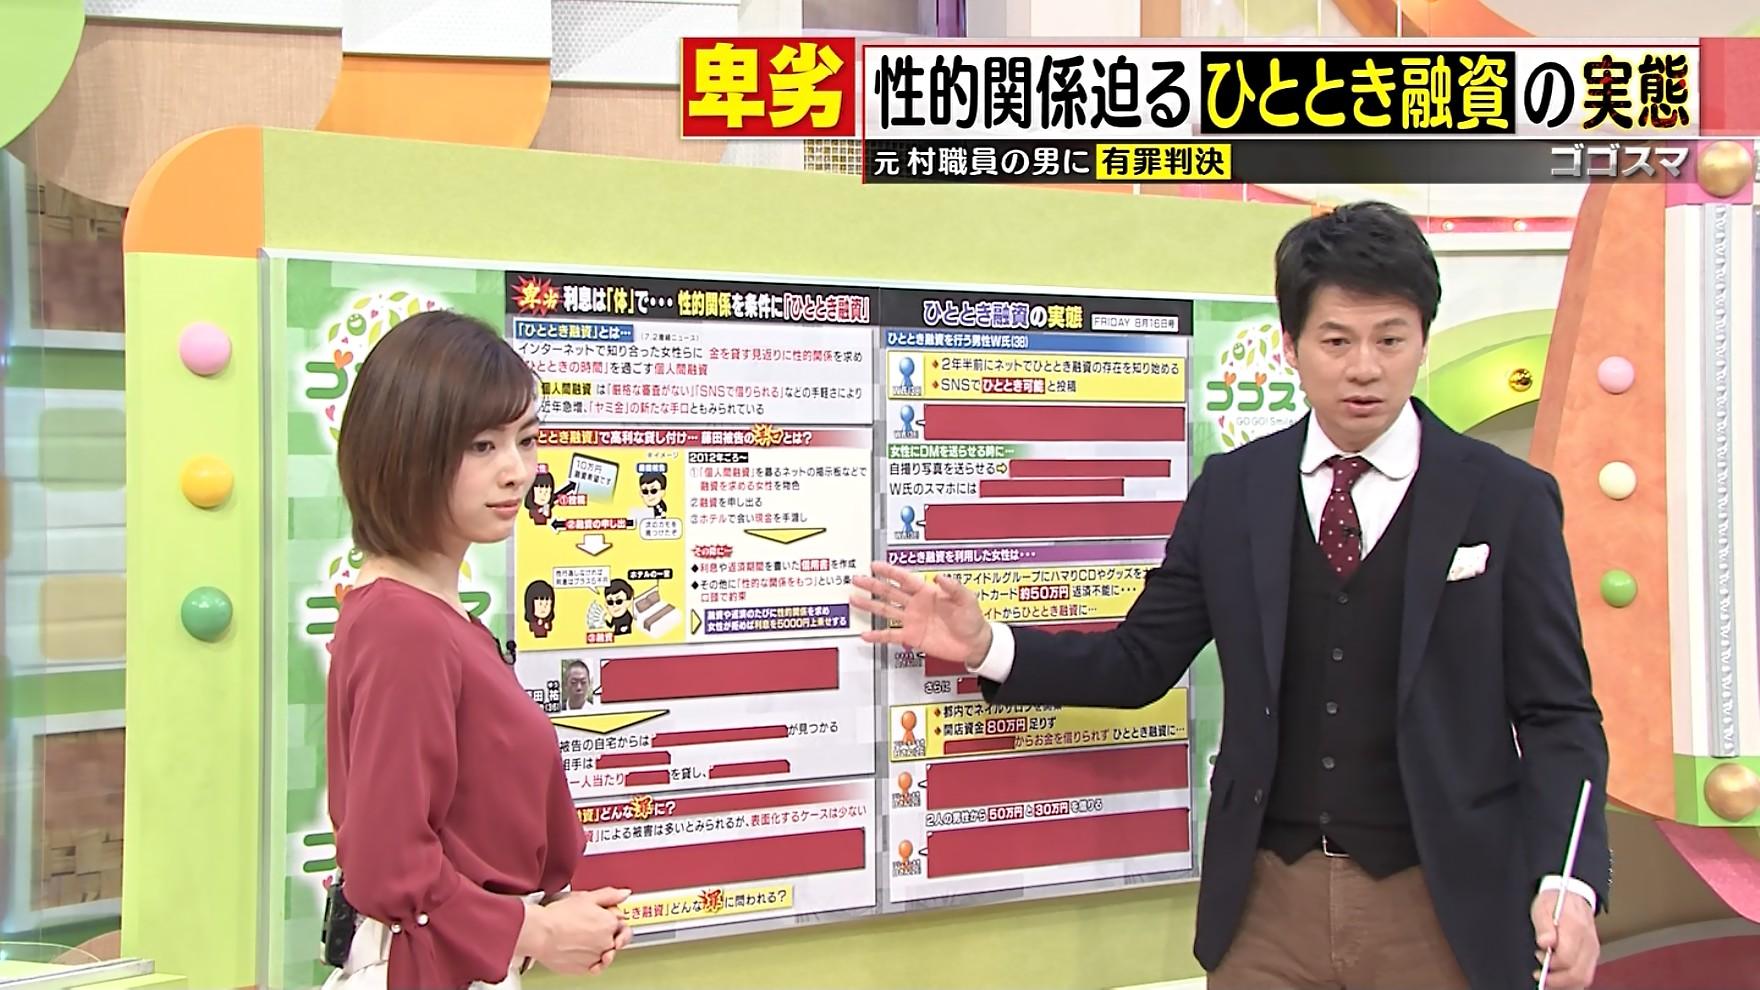 2019年11月20日に放送された「ゴゴスマ」に出演した中西悠理さんのテレビキャプチャー画像-001